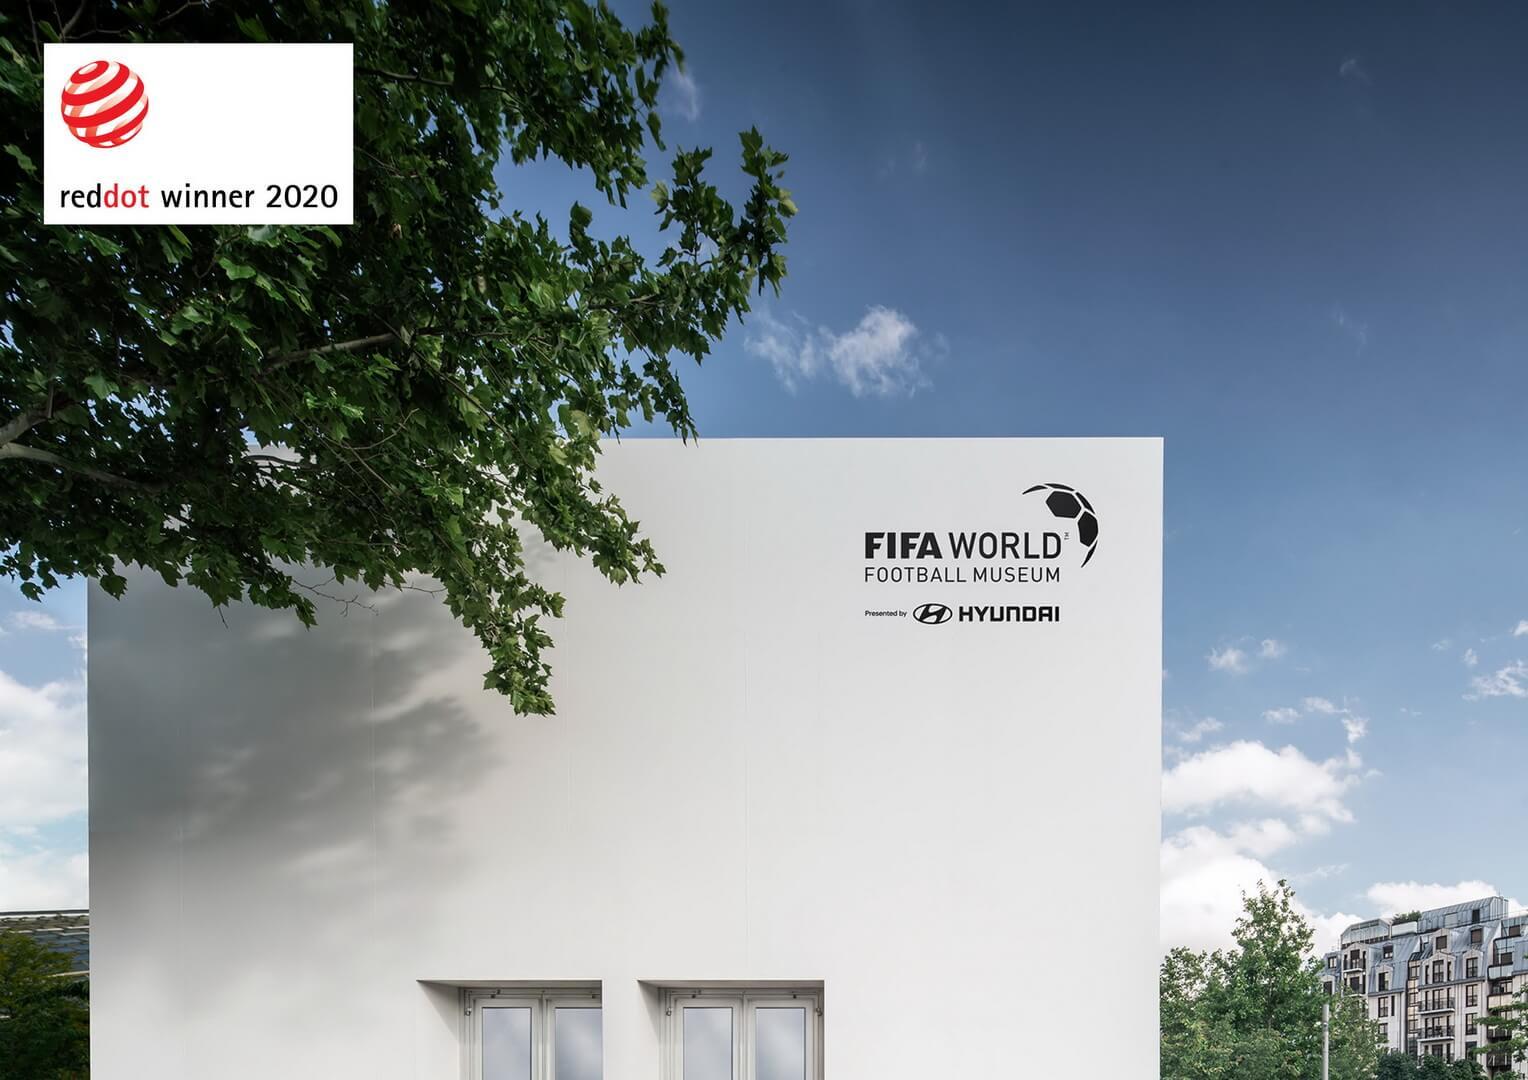 Открытие музея FIFA в Париже